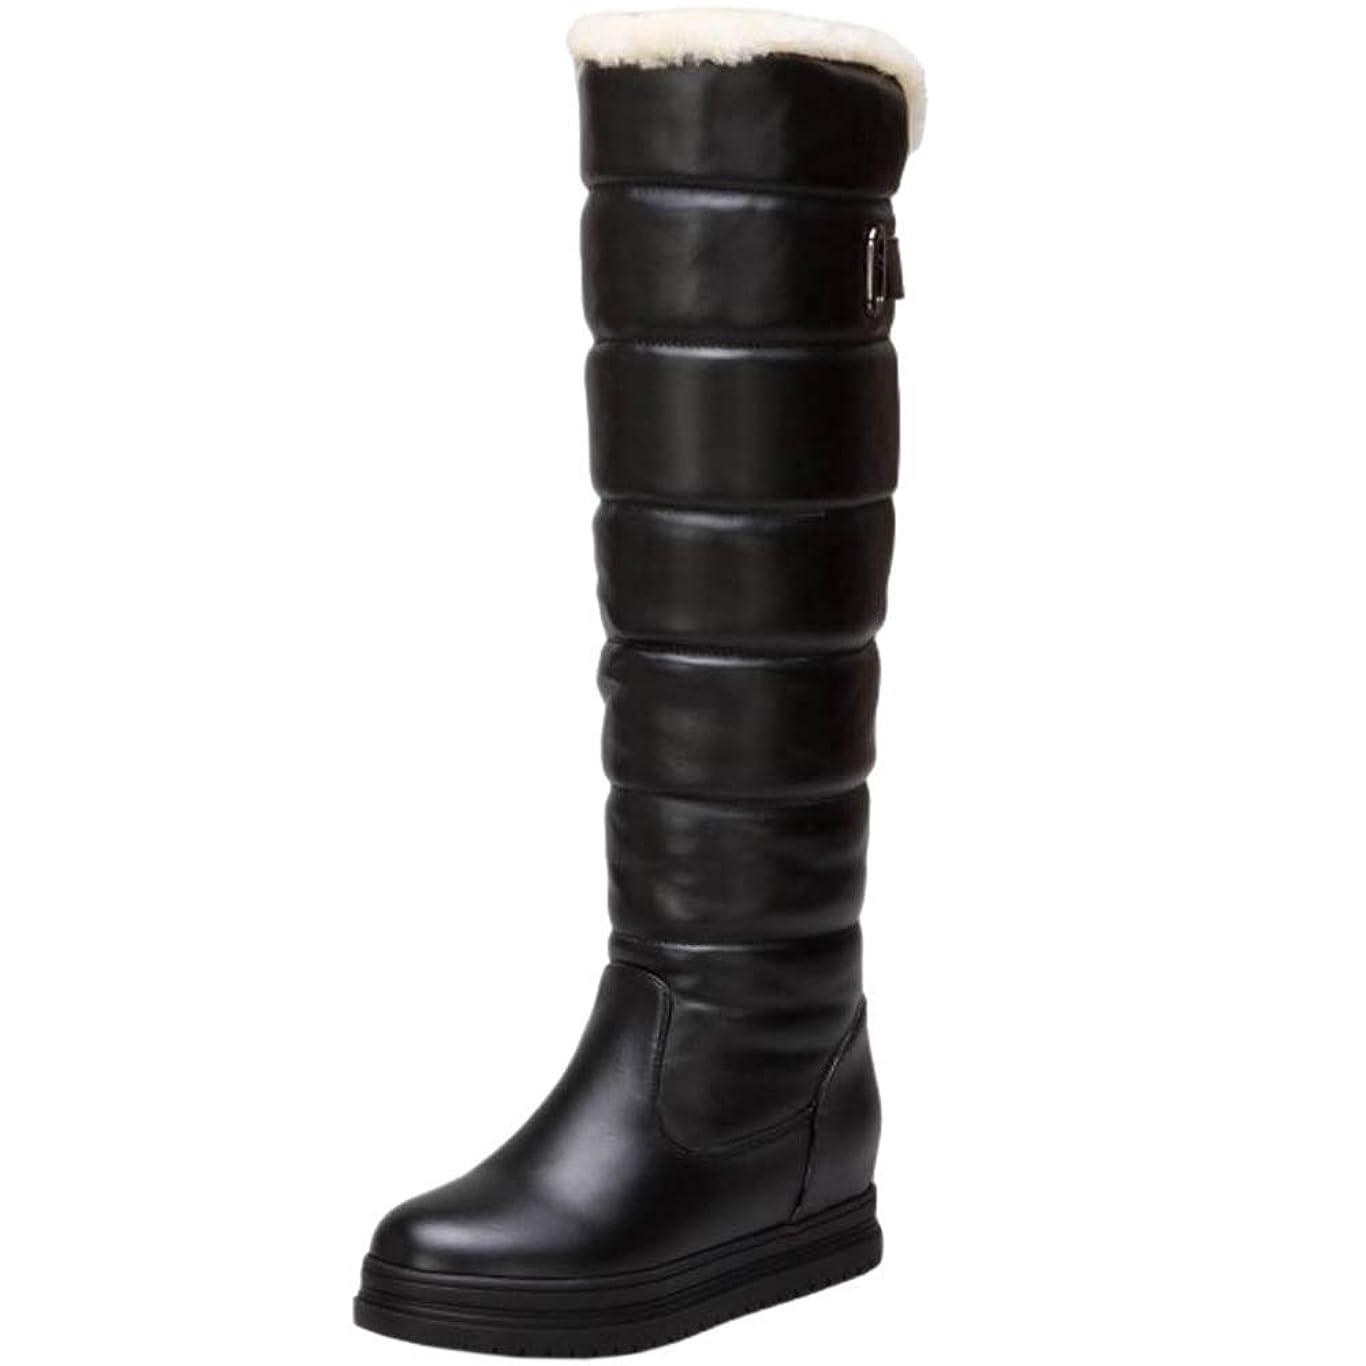 反動見物人コンクリート[Unm] レディーズ かかと 長いです ブーツ 引き上げる